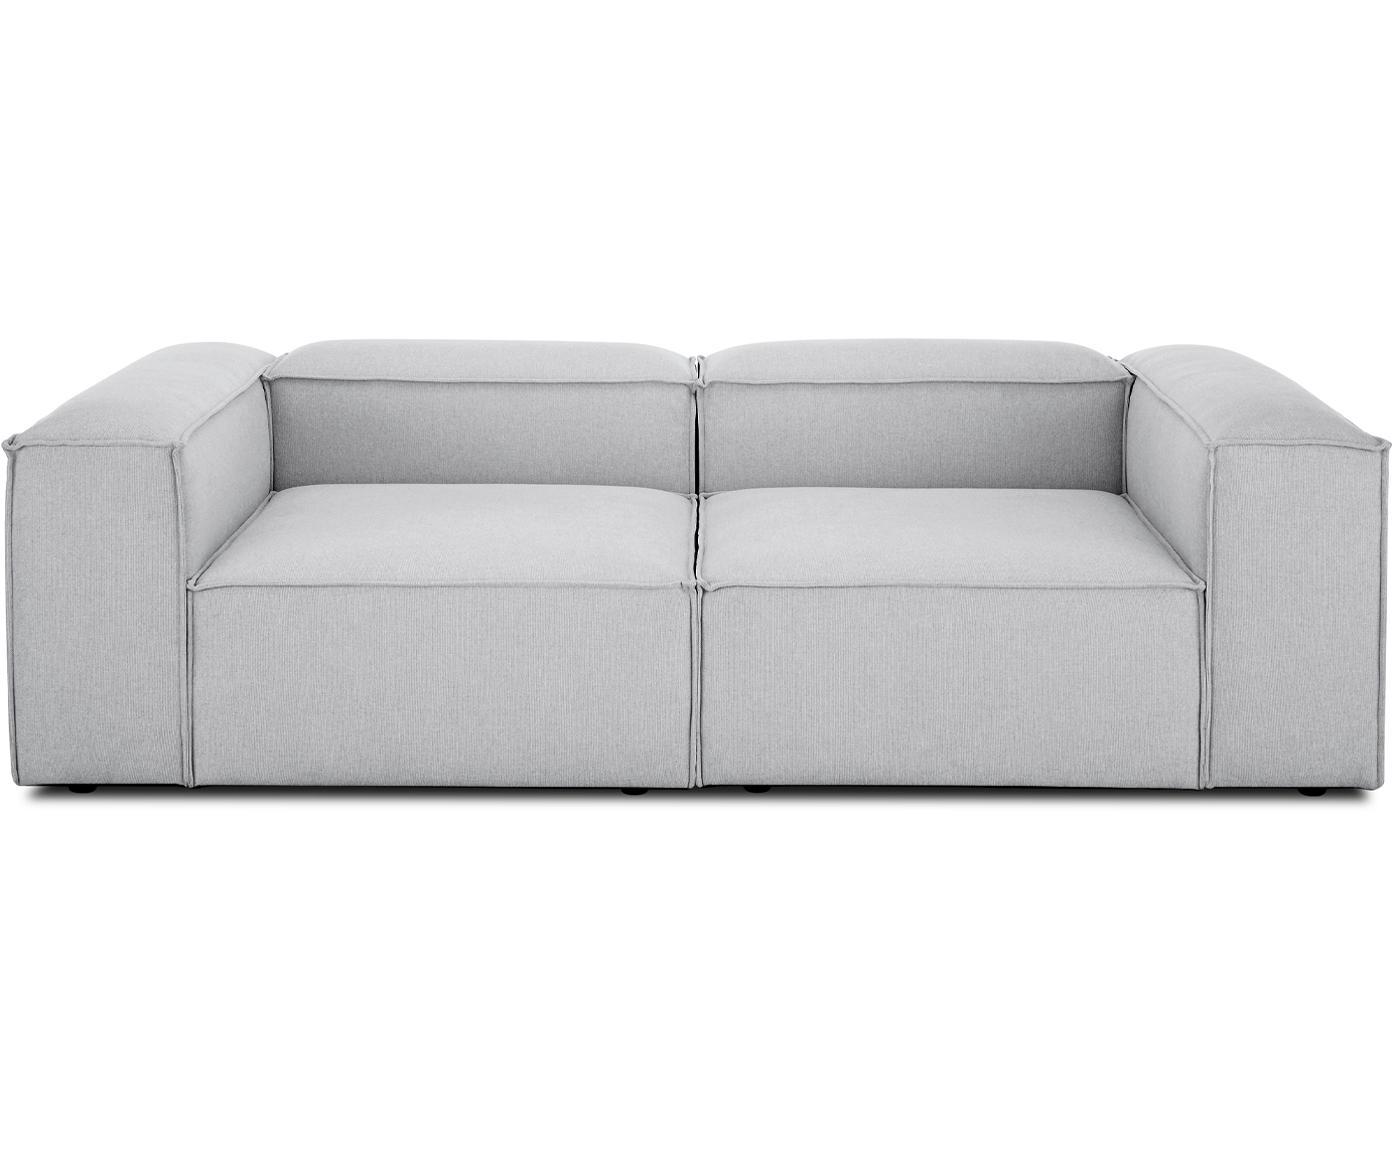 Sofa modułowa Lennon (3-osobowa), Tapicerka: poliester 35 000 cykli w , Stelaż: lite drewno sosnowe, skle, Nogi: tworzywo sztuczne, Jasny szary, S 238 x G 119 cm